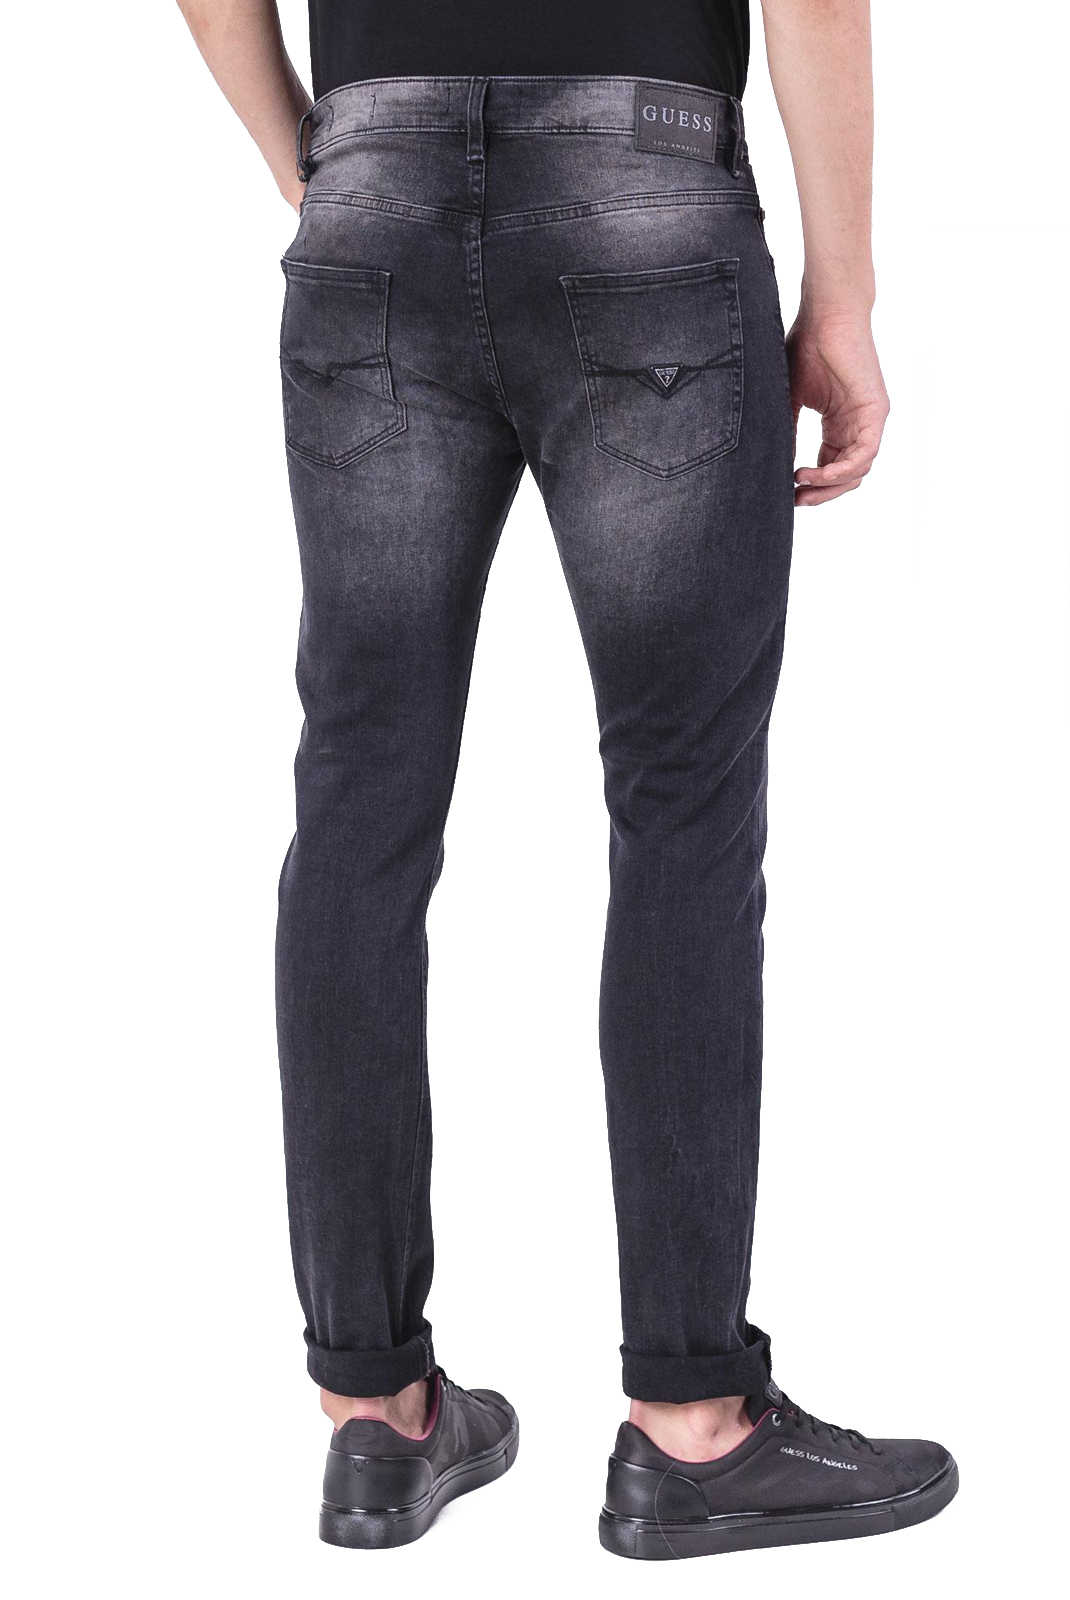 slim / skinny  Guess jeans M84A27 D3CC0 CHRIS SPECTRE